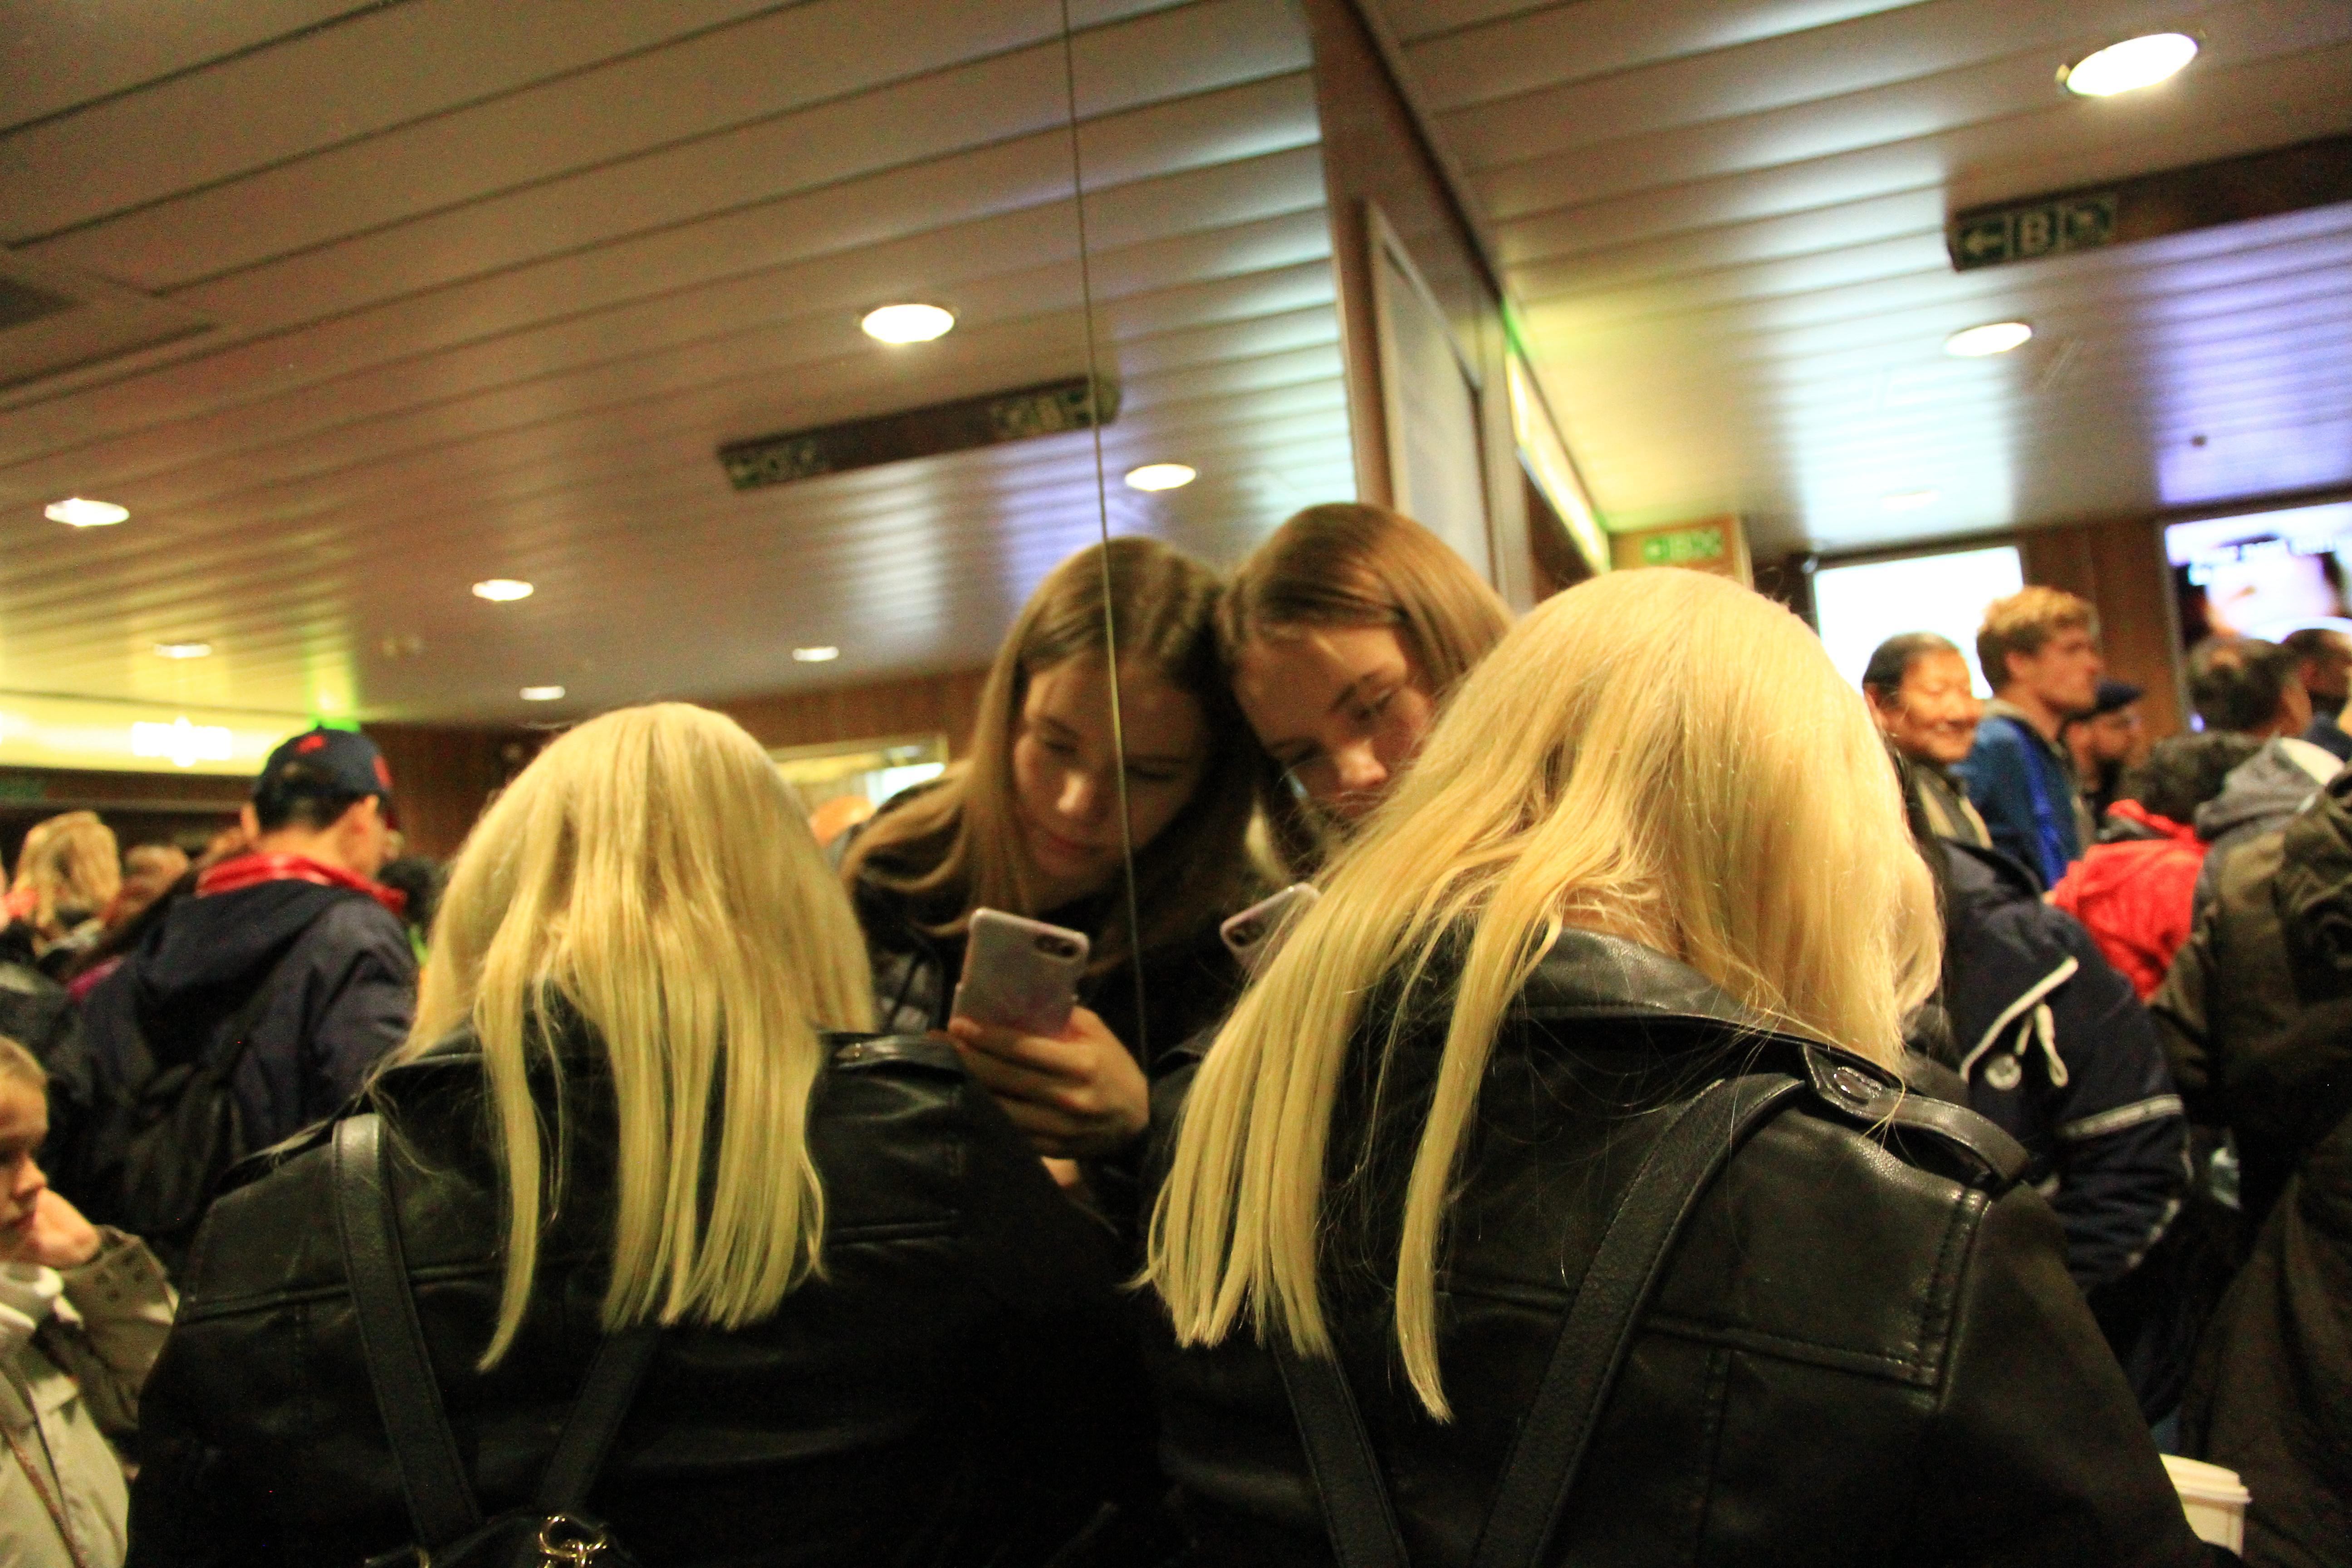 82、芬兰赫尔辛基--爱沙尼亚塔林邮轮:等待下船的游客